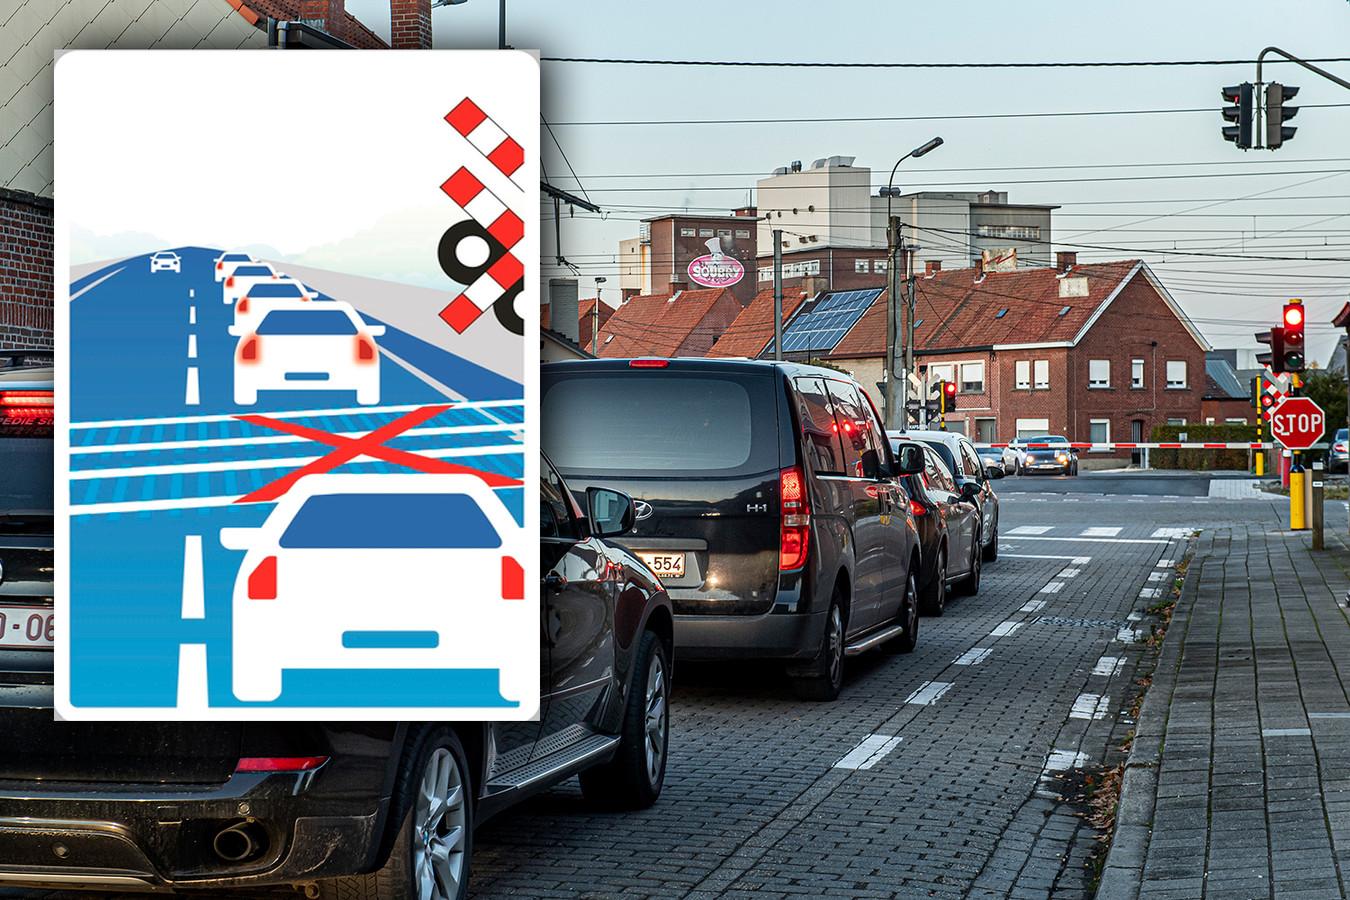 Het nieuwe verkeersbord moet er komen aan bepaalde overwegen waar bestuurders na de overweg regelmatig in de file staan.